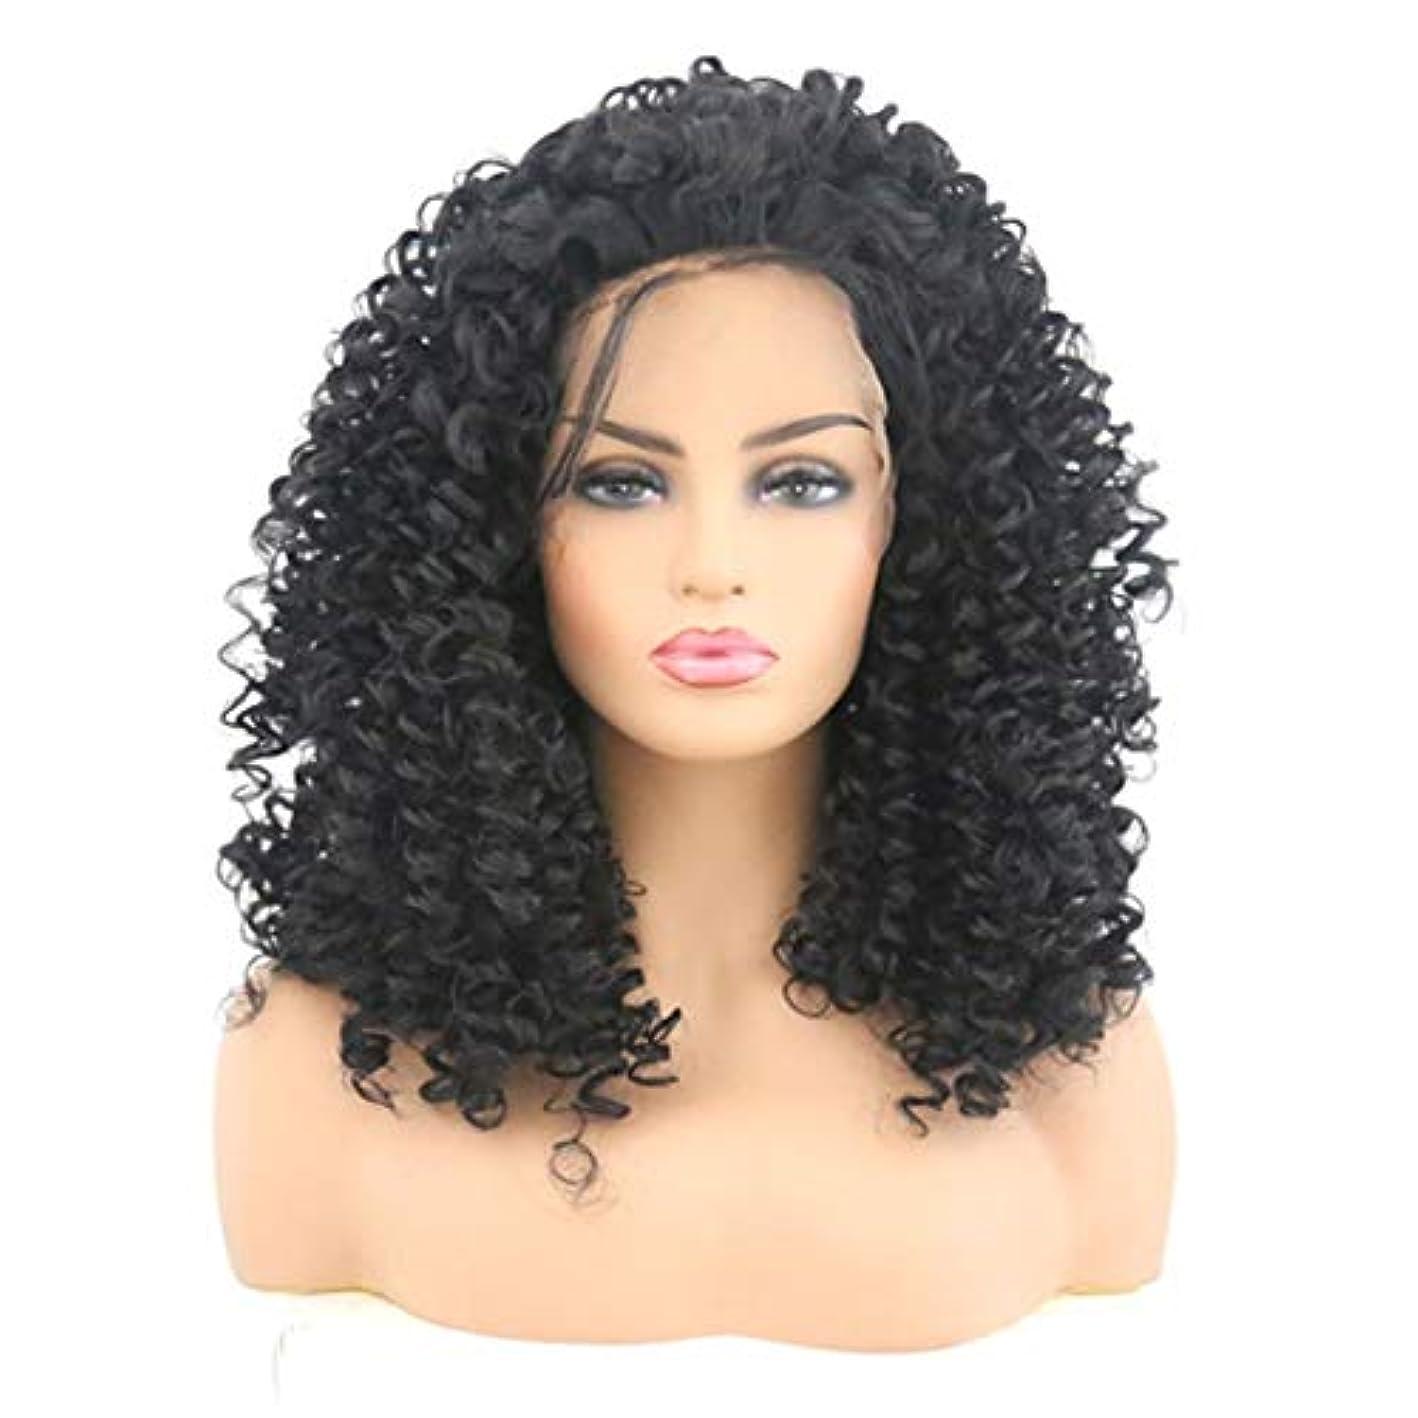 春学期羽Kerwinner 女性のためのフロントレース黒かつら小体積波状の短い巻き毛のかつら